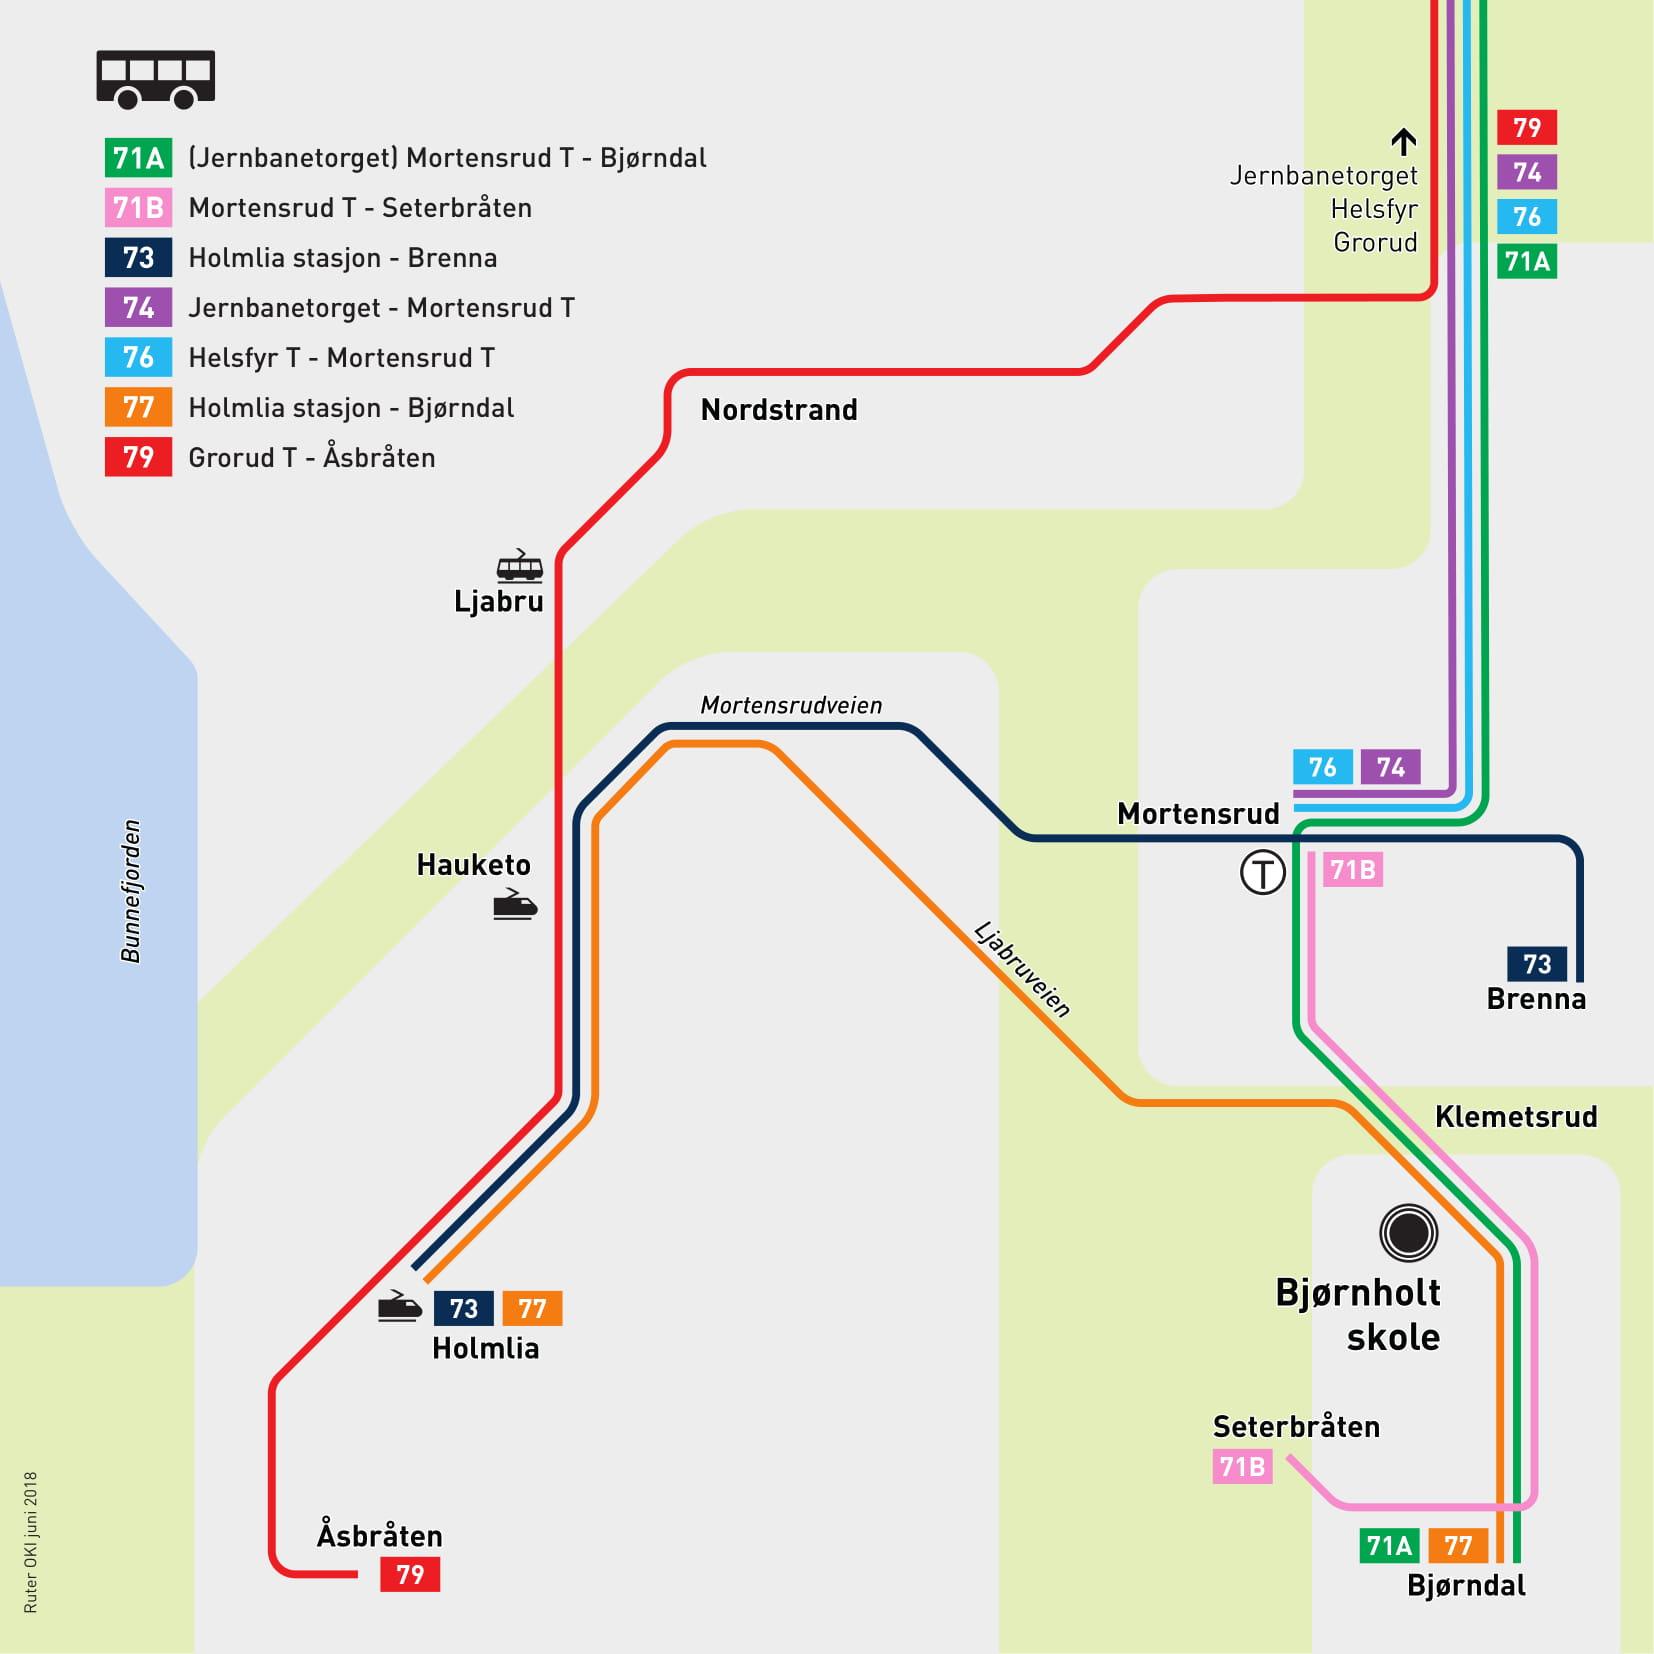 bjørnholthallen kart Direkte skolebuss til Bjørnholt Vgs bjørnholthallen kart